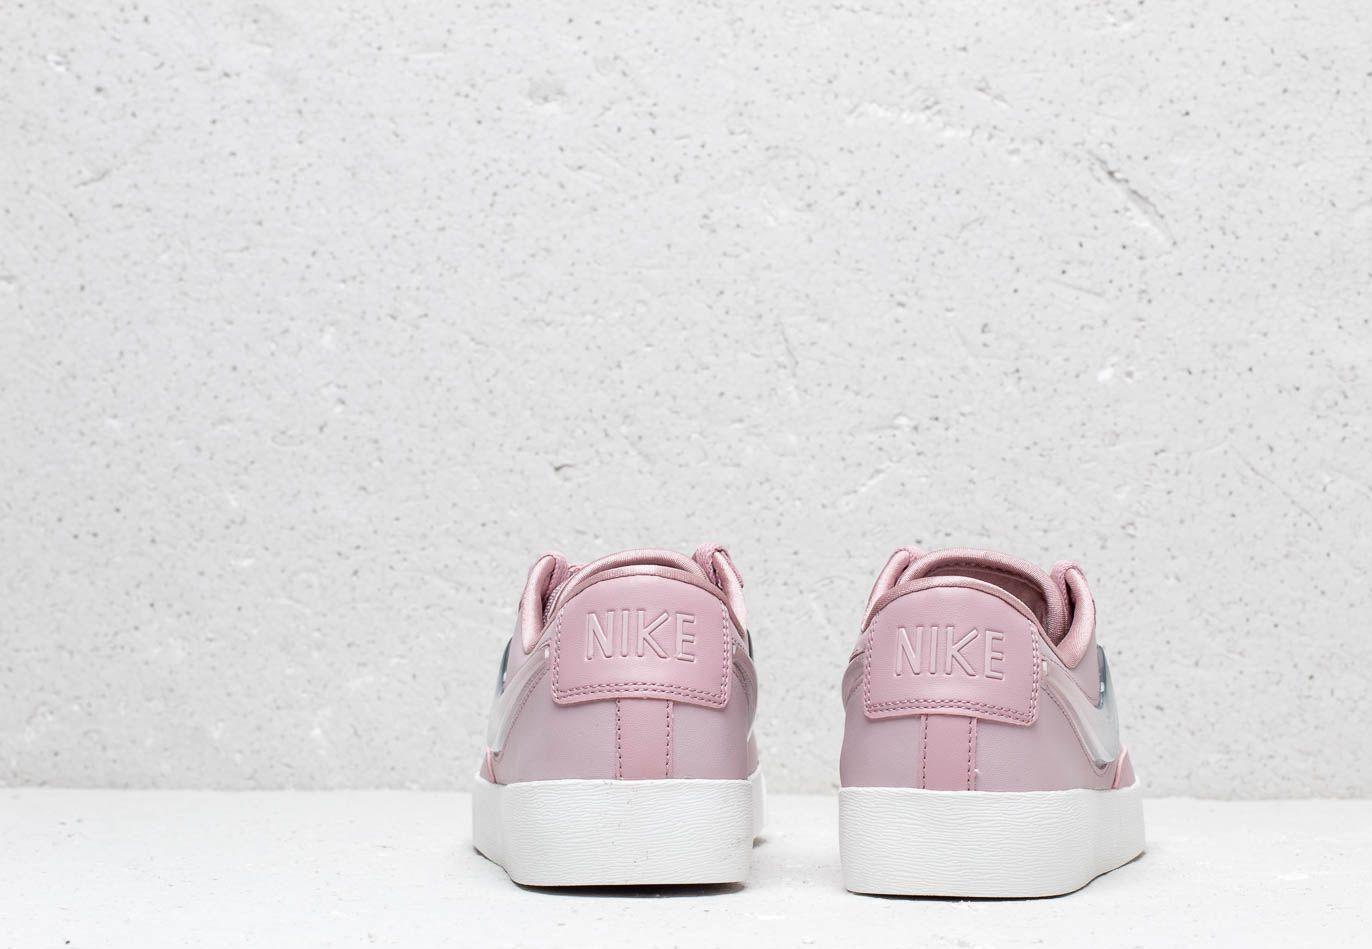 W Blazer Low LX Plum Chalk/ Obsidian Mist-Summit White Nike de Cuero